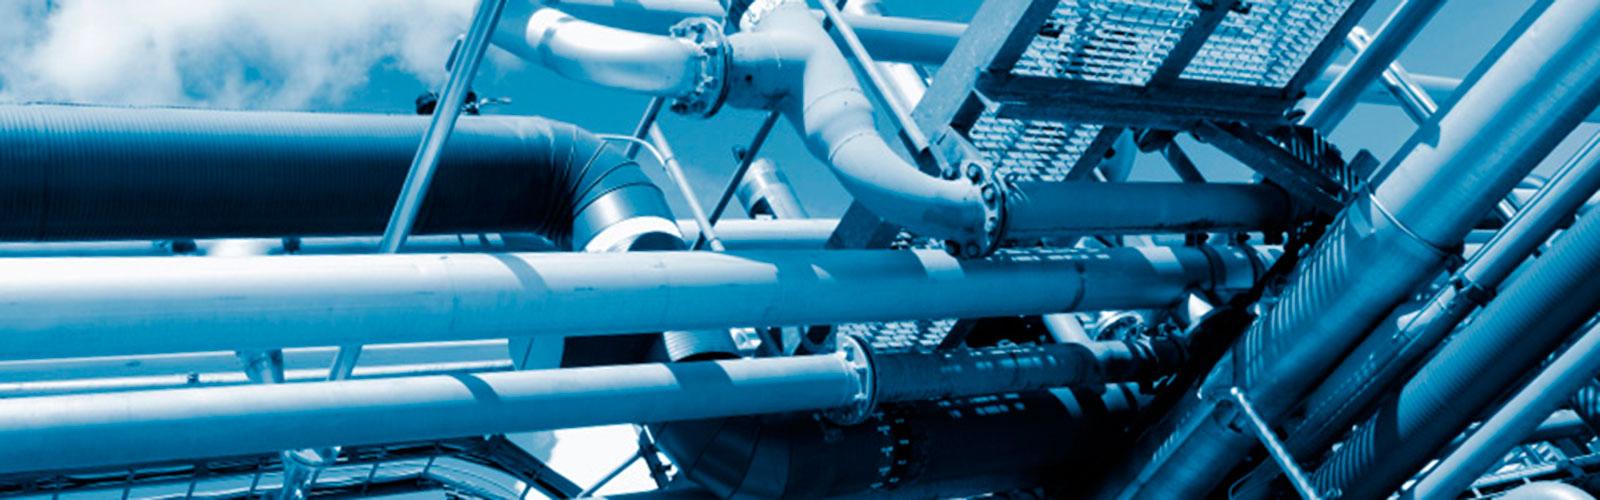 Ремонт промывка (чистка) трубопроводов